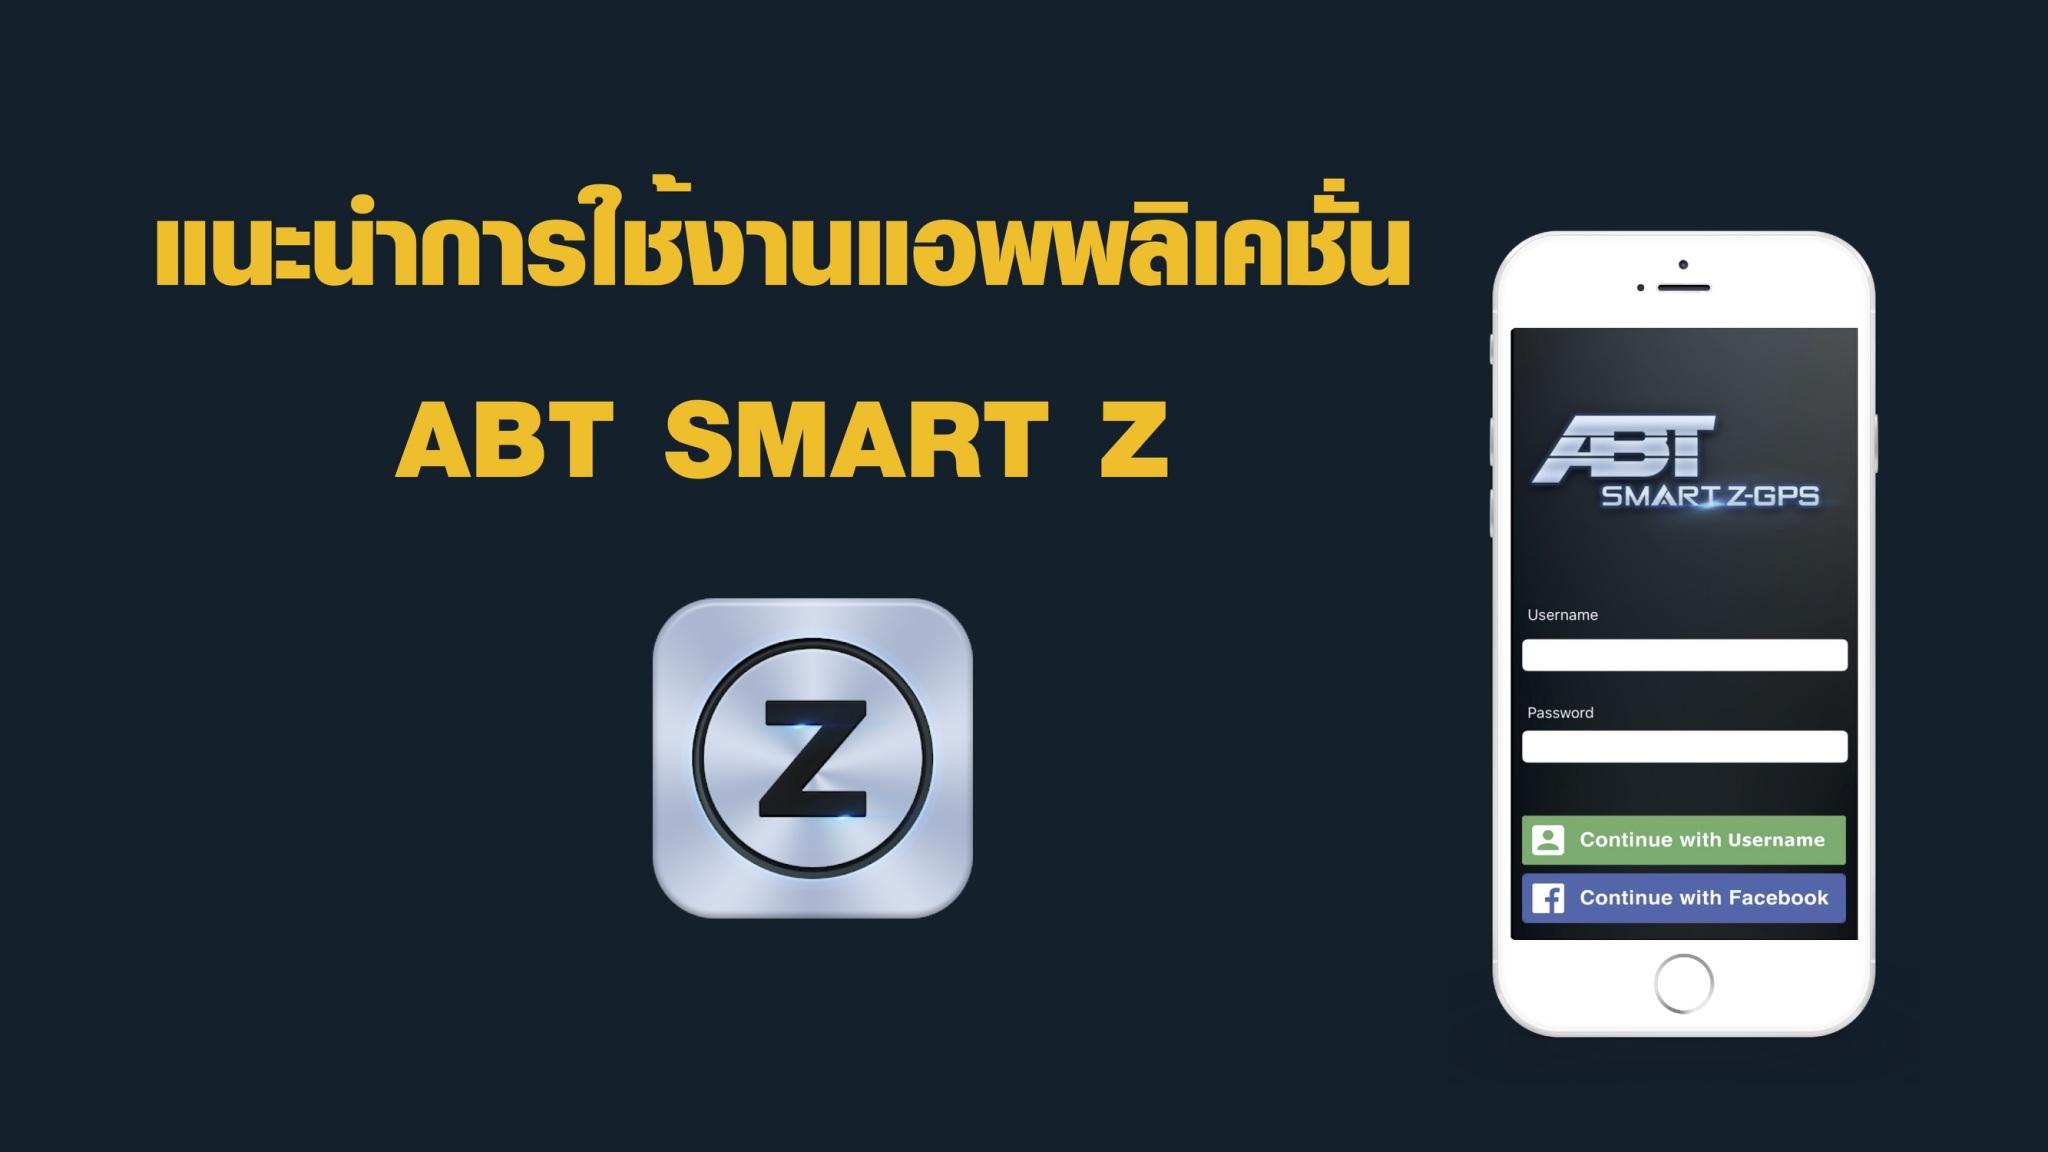 แนะนำการใช้ app abtz